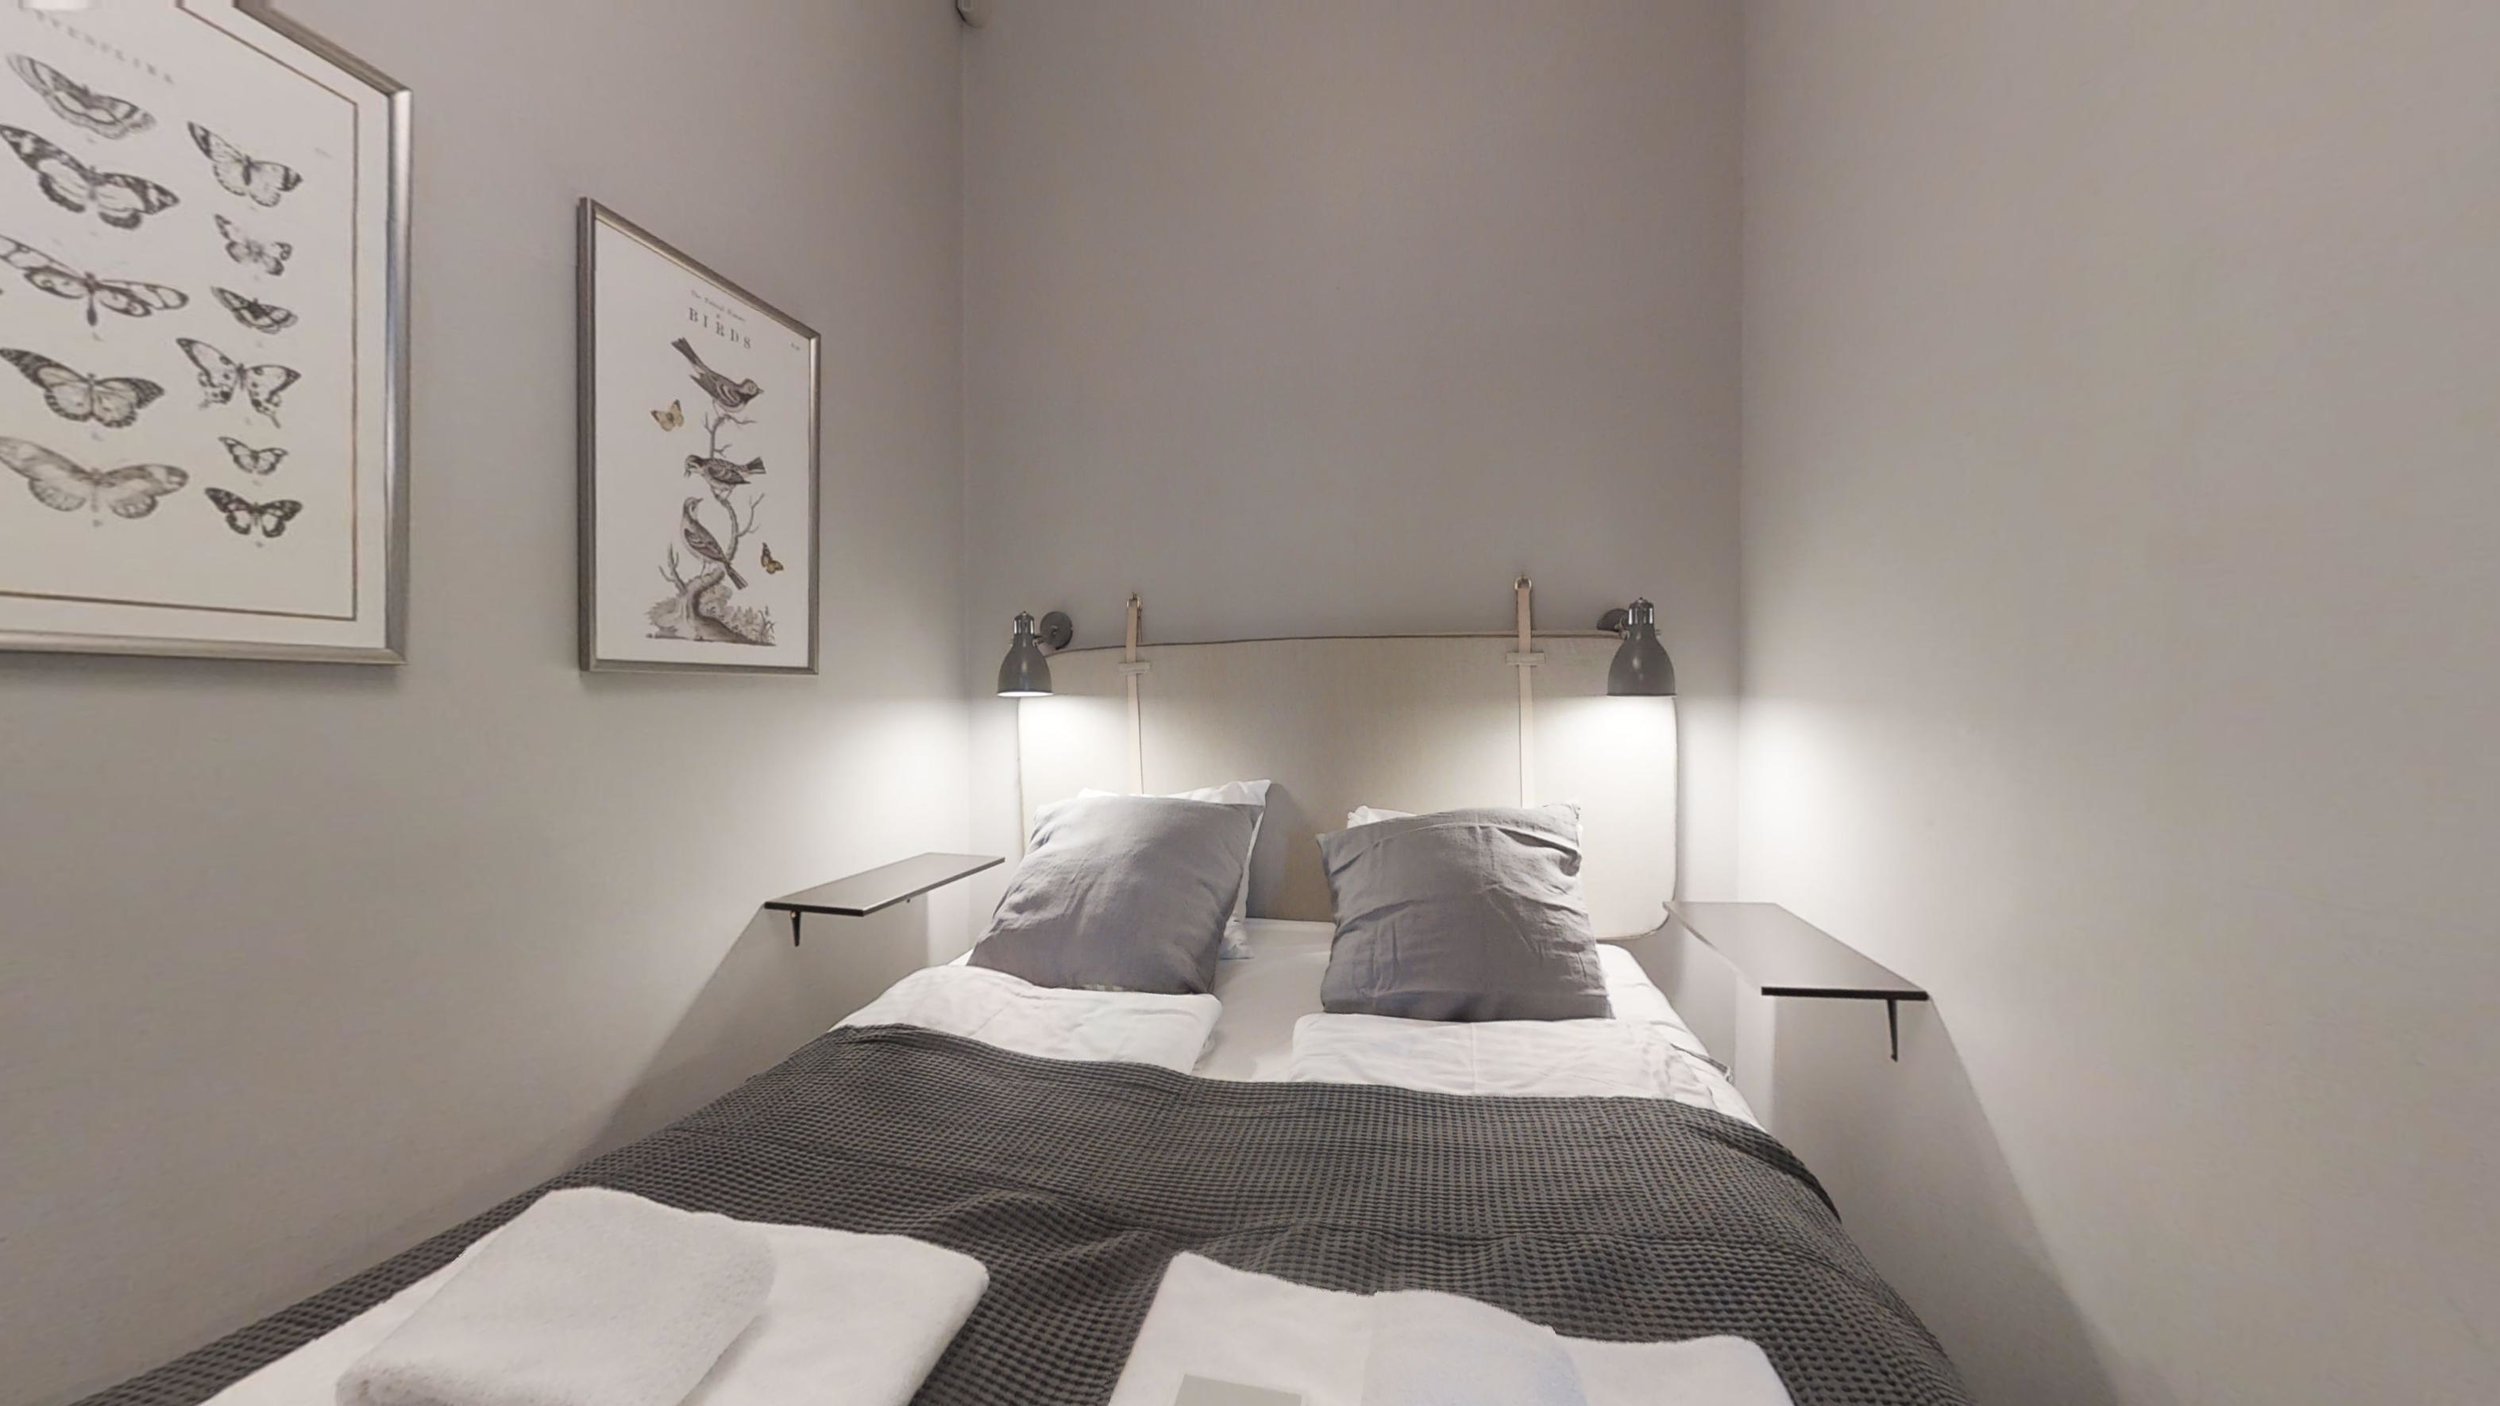 Hotellejlighed-pa-Esplanaden-01182019_172854.jpg